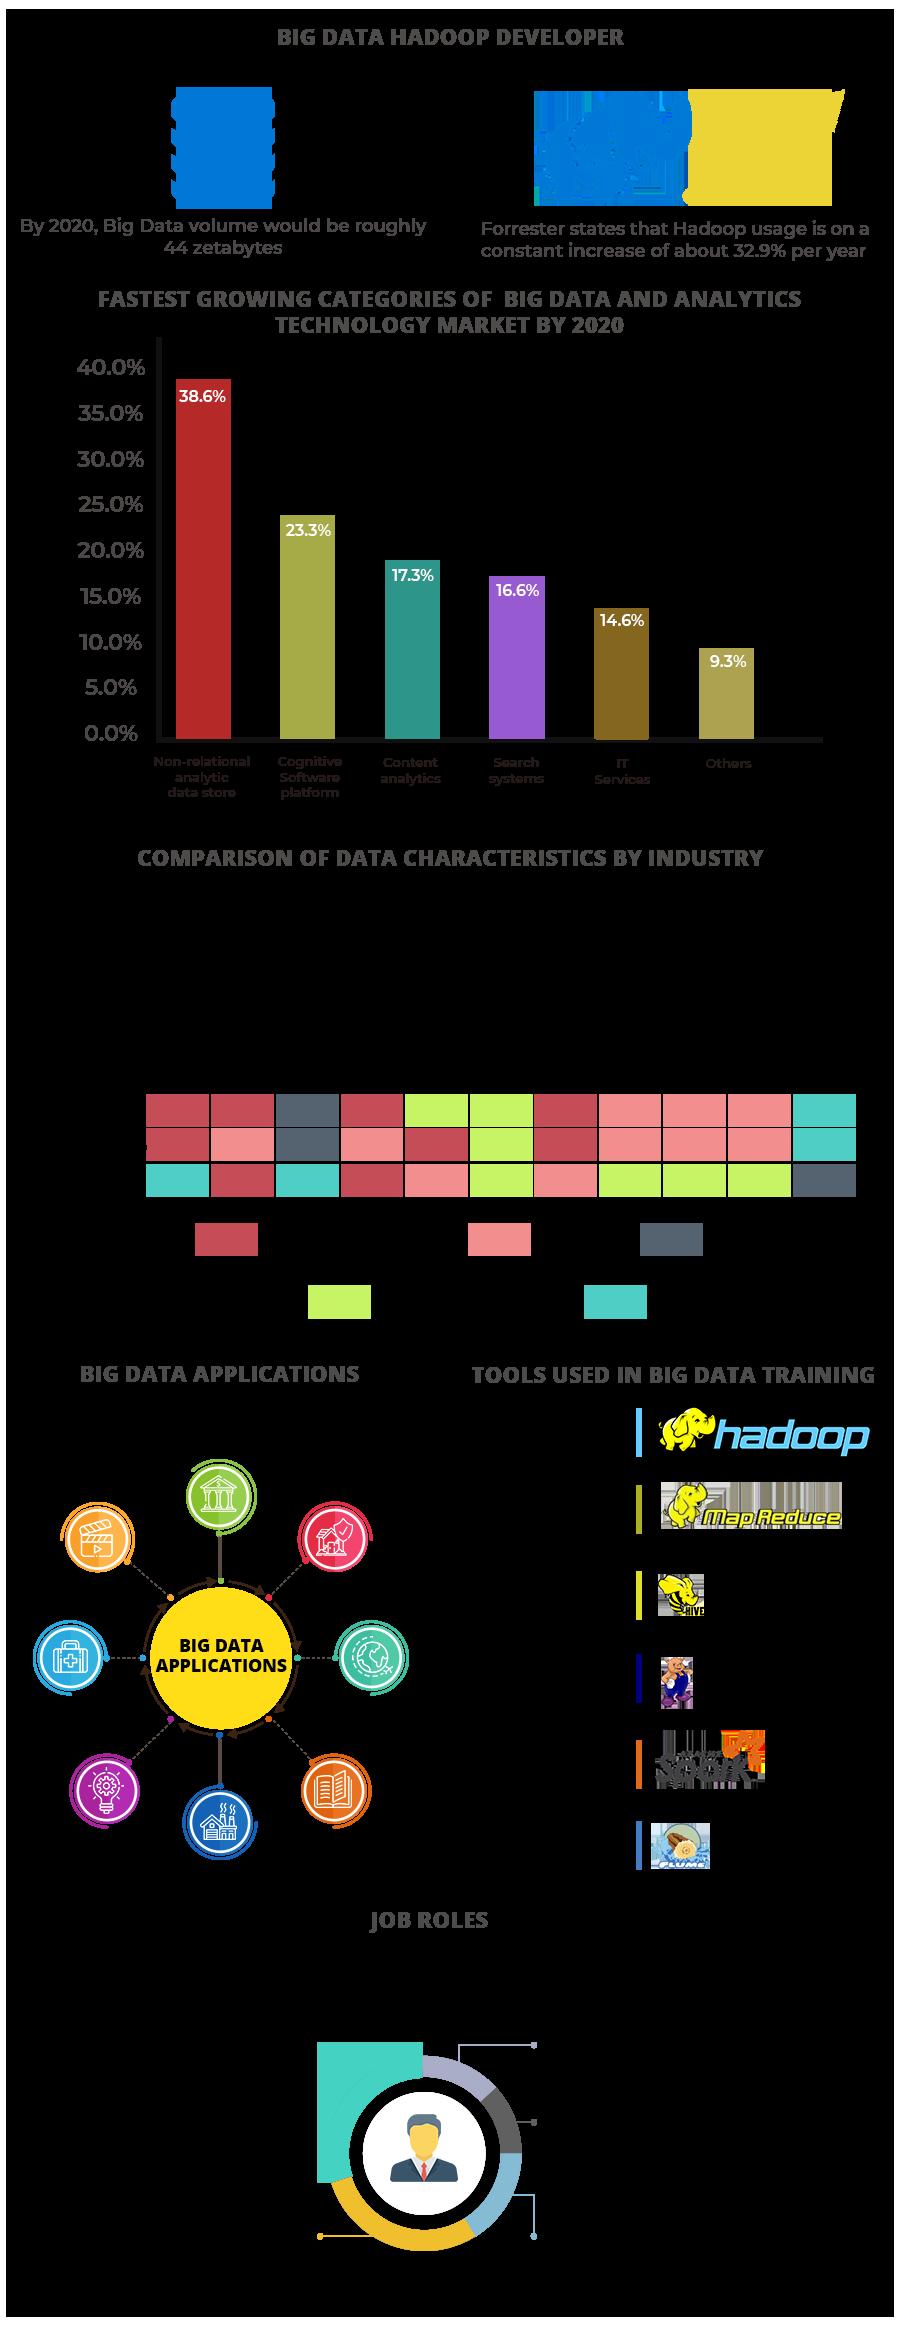 Big Data Hadoop Developer Trend Tools Application Job Roles Big Data Job Roles Data